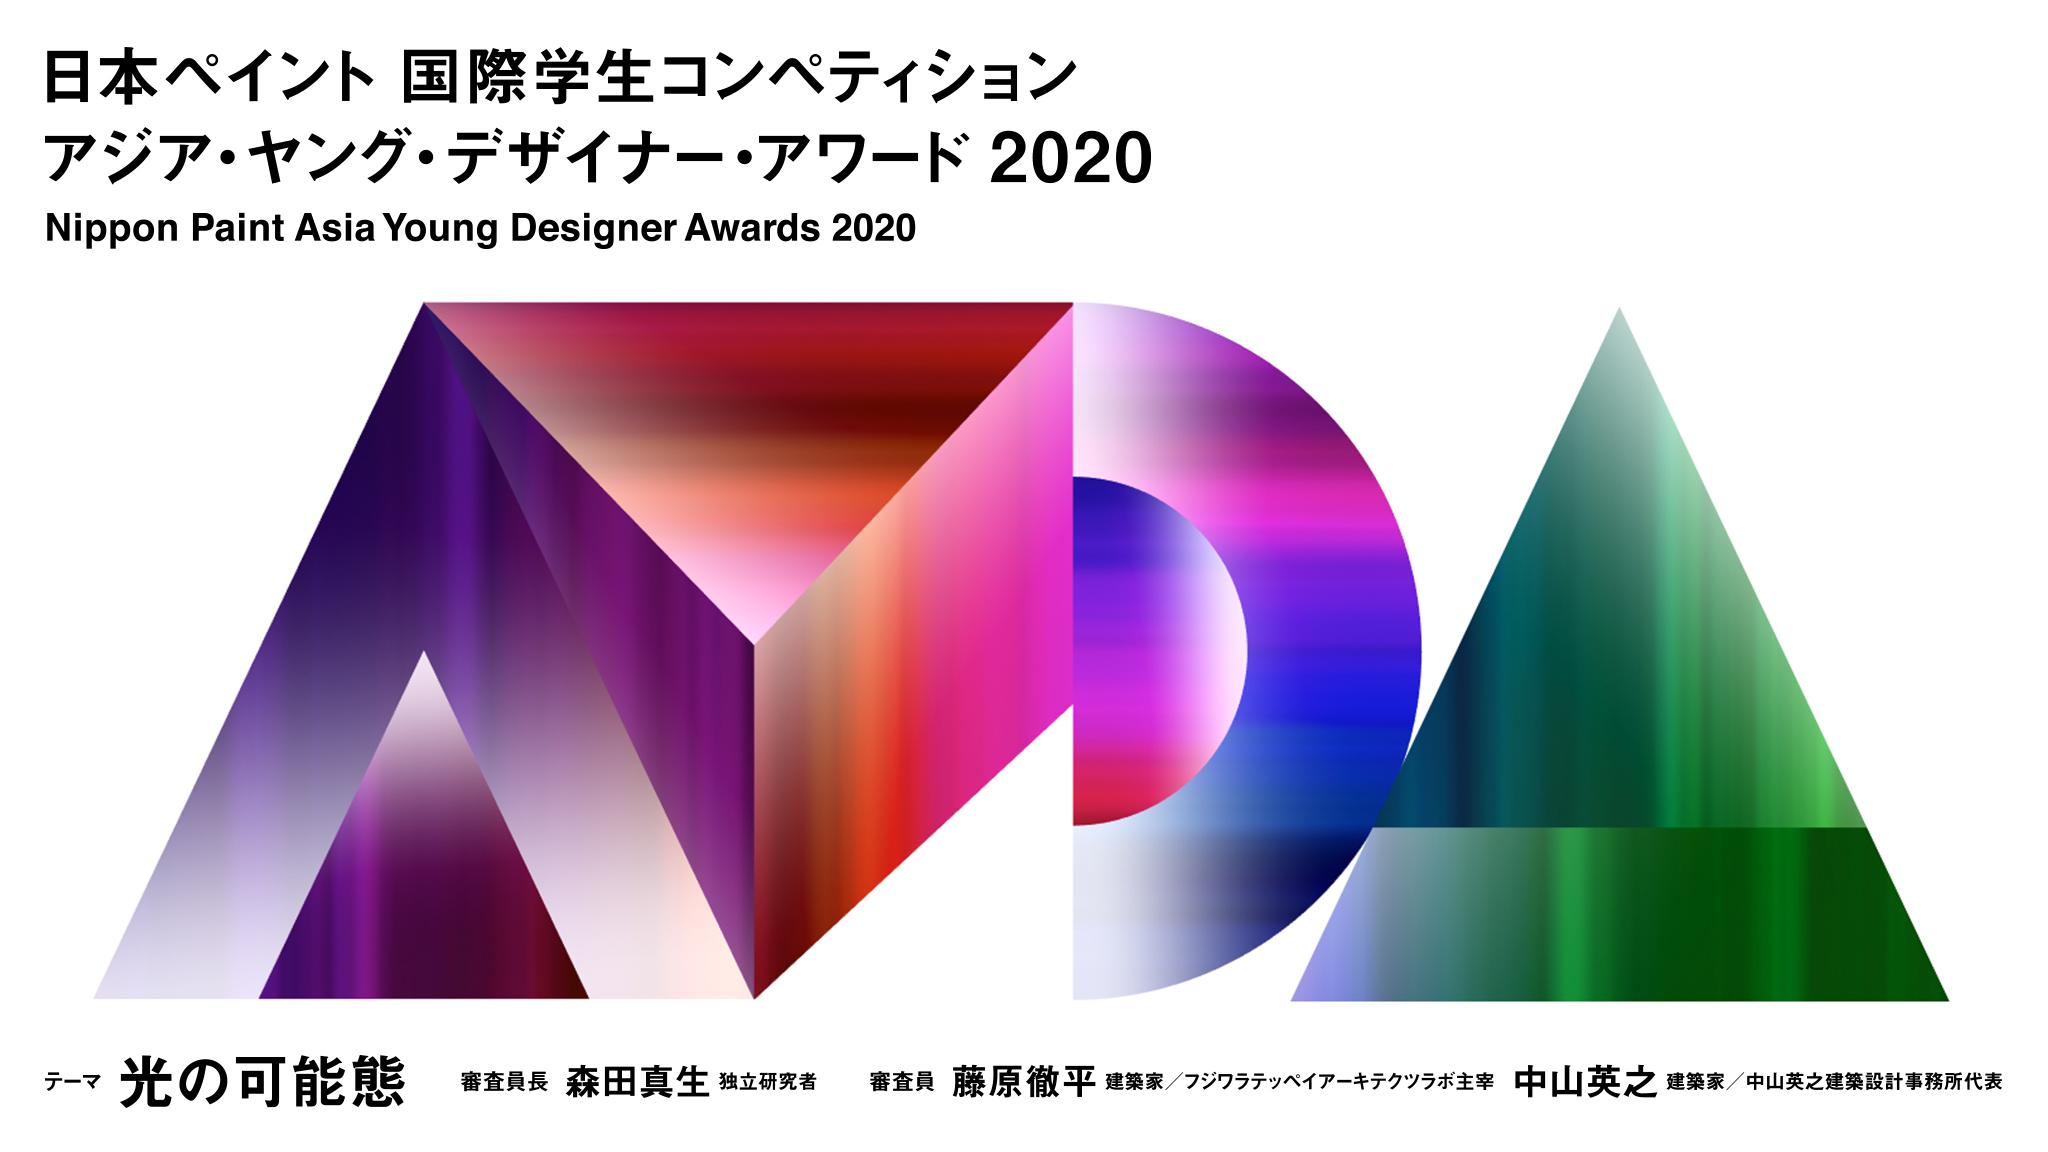 日本ペイントホールディングスグループ主催 国際建築デザインコンペティション「Asia Young Designer Awards 2020」日本地区募集開始